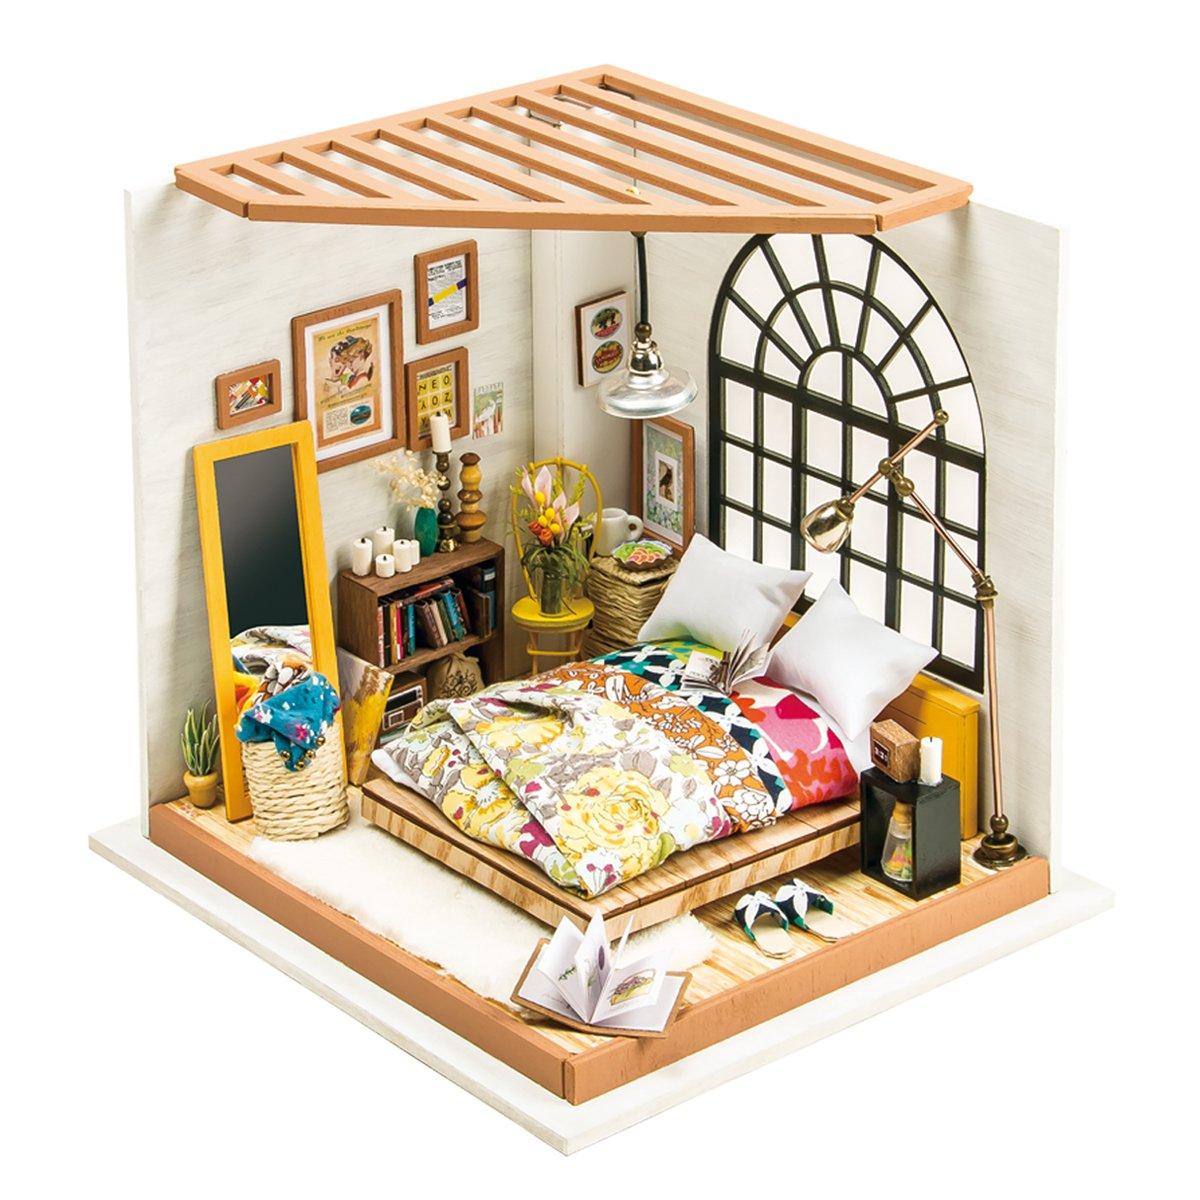 Dettagli su Robotime Camera da letto in legno - Dolls House Furniture e  accessori - (R8C)